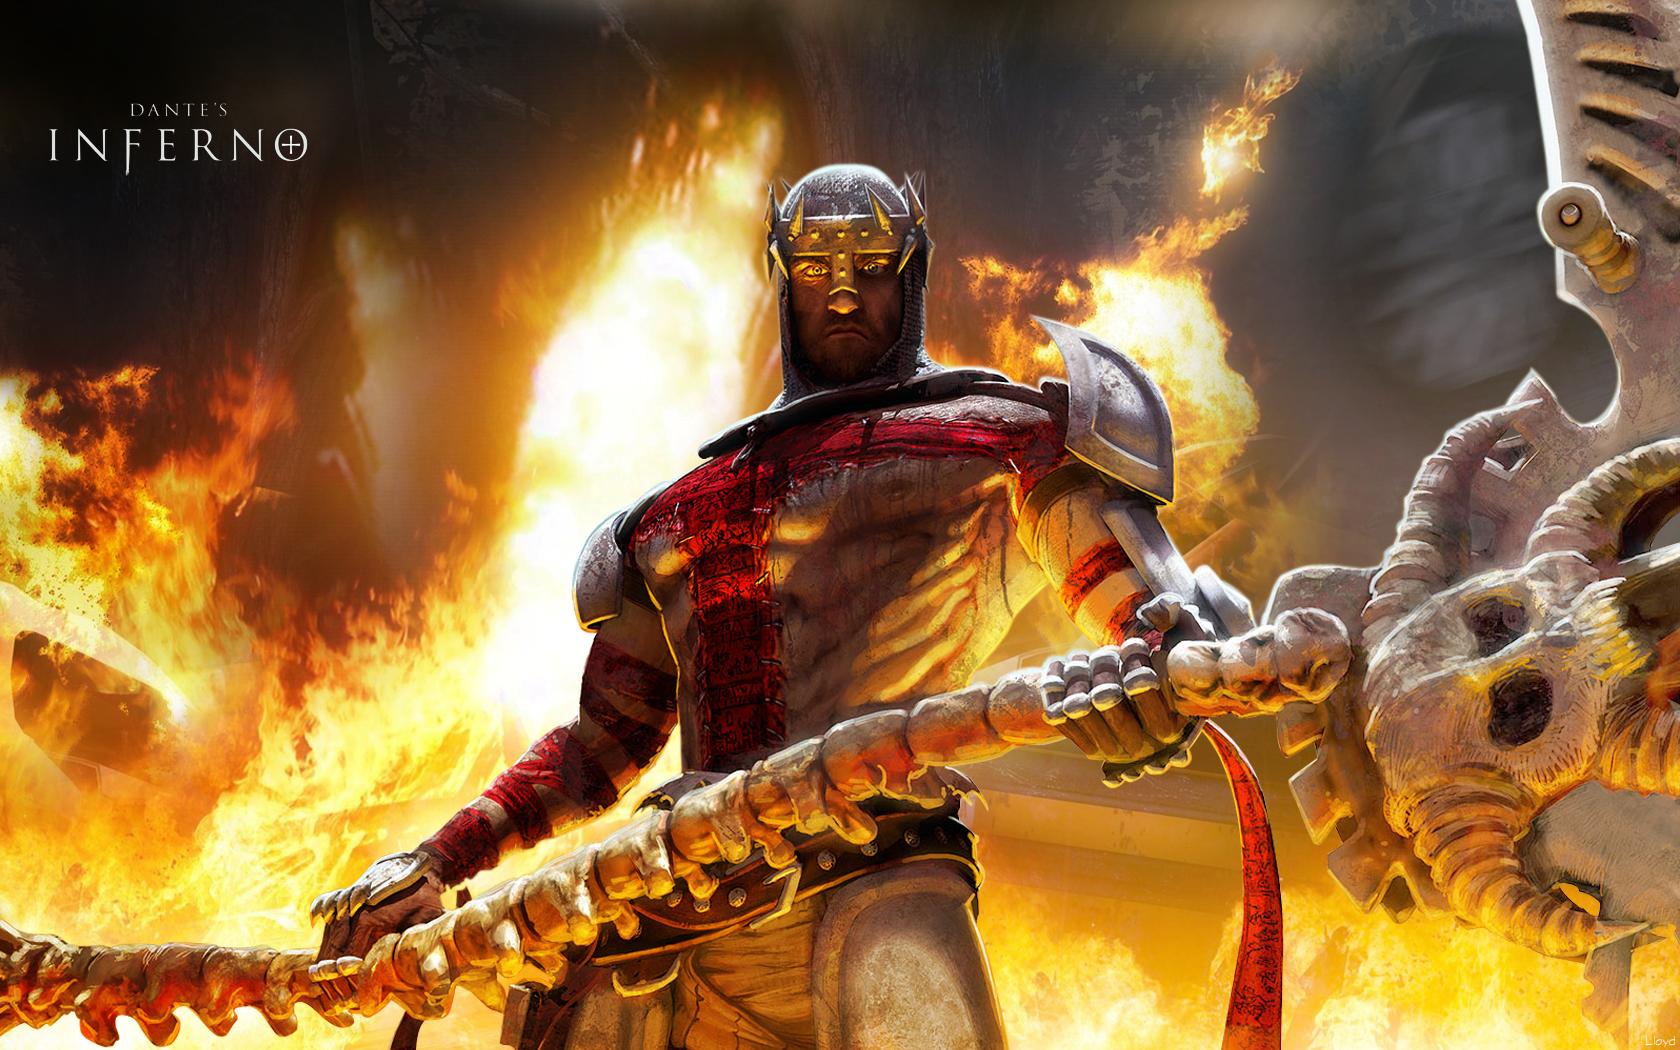 Resultado de imagen para Dante's Inferno